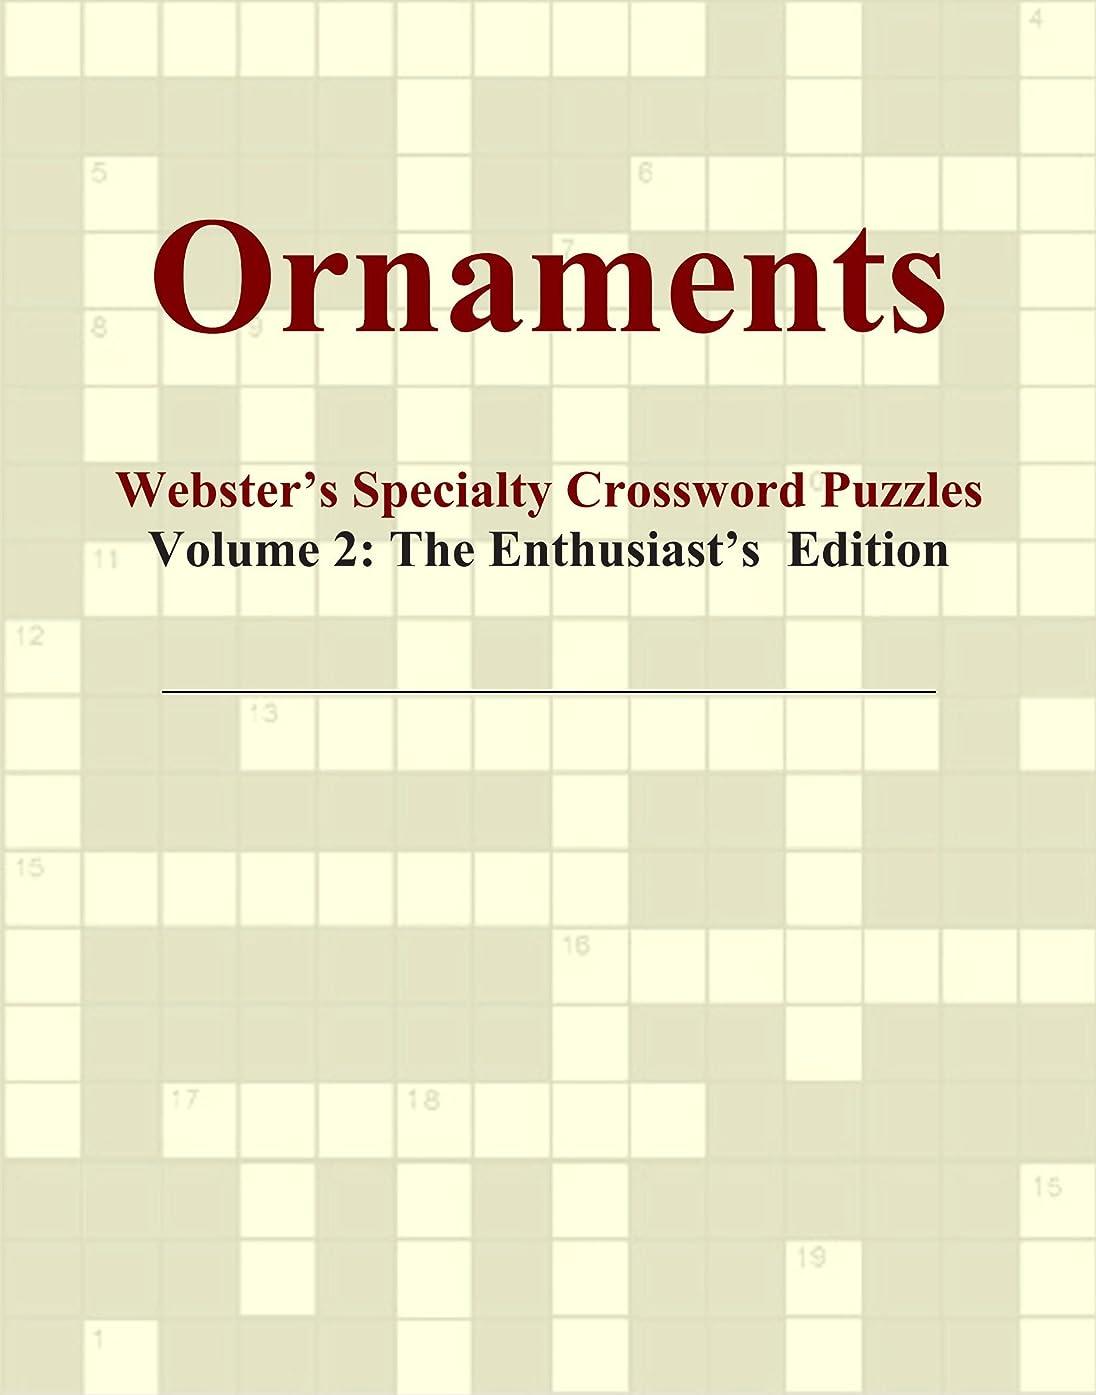 星水平ペッカディロOrnaments - Webster's Specialty Crossword Puzzles, Volume 2: The Enthusiast's Edition